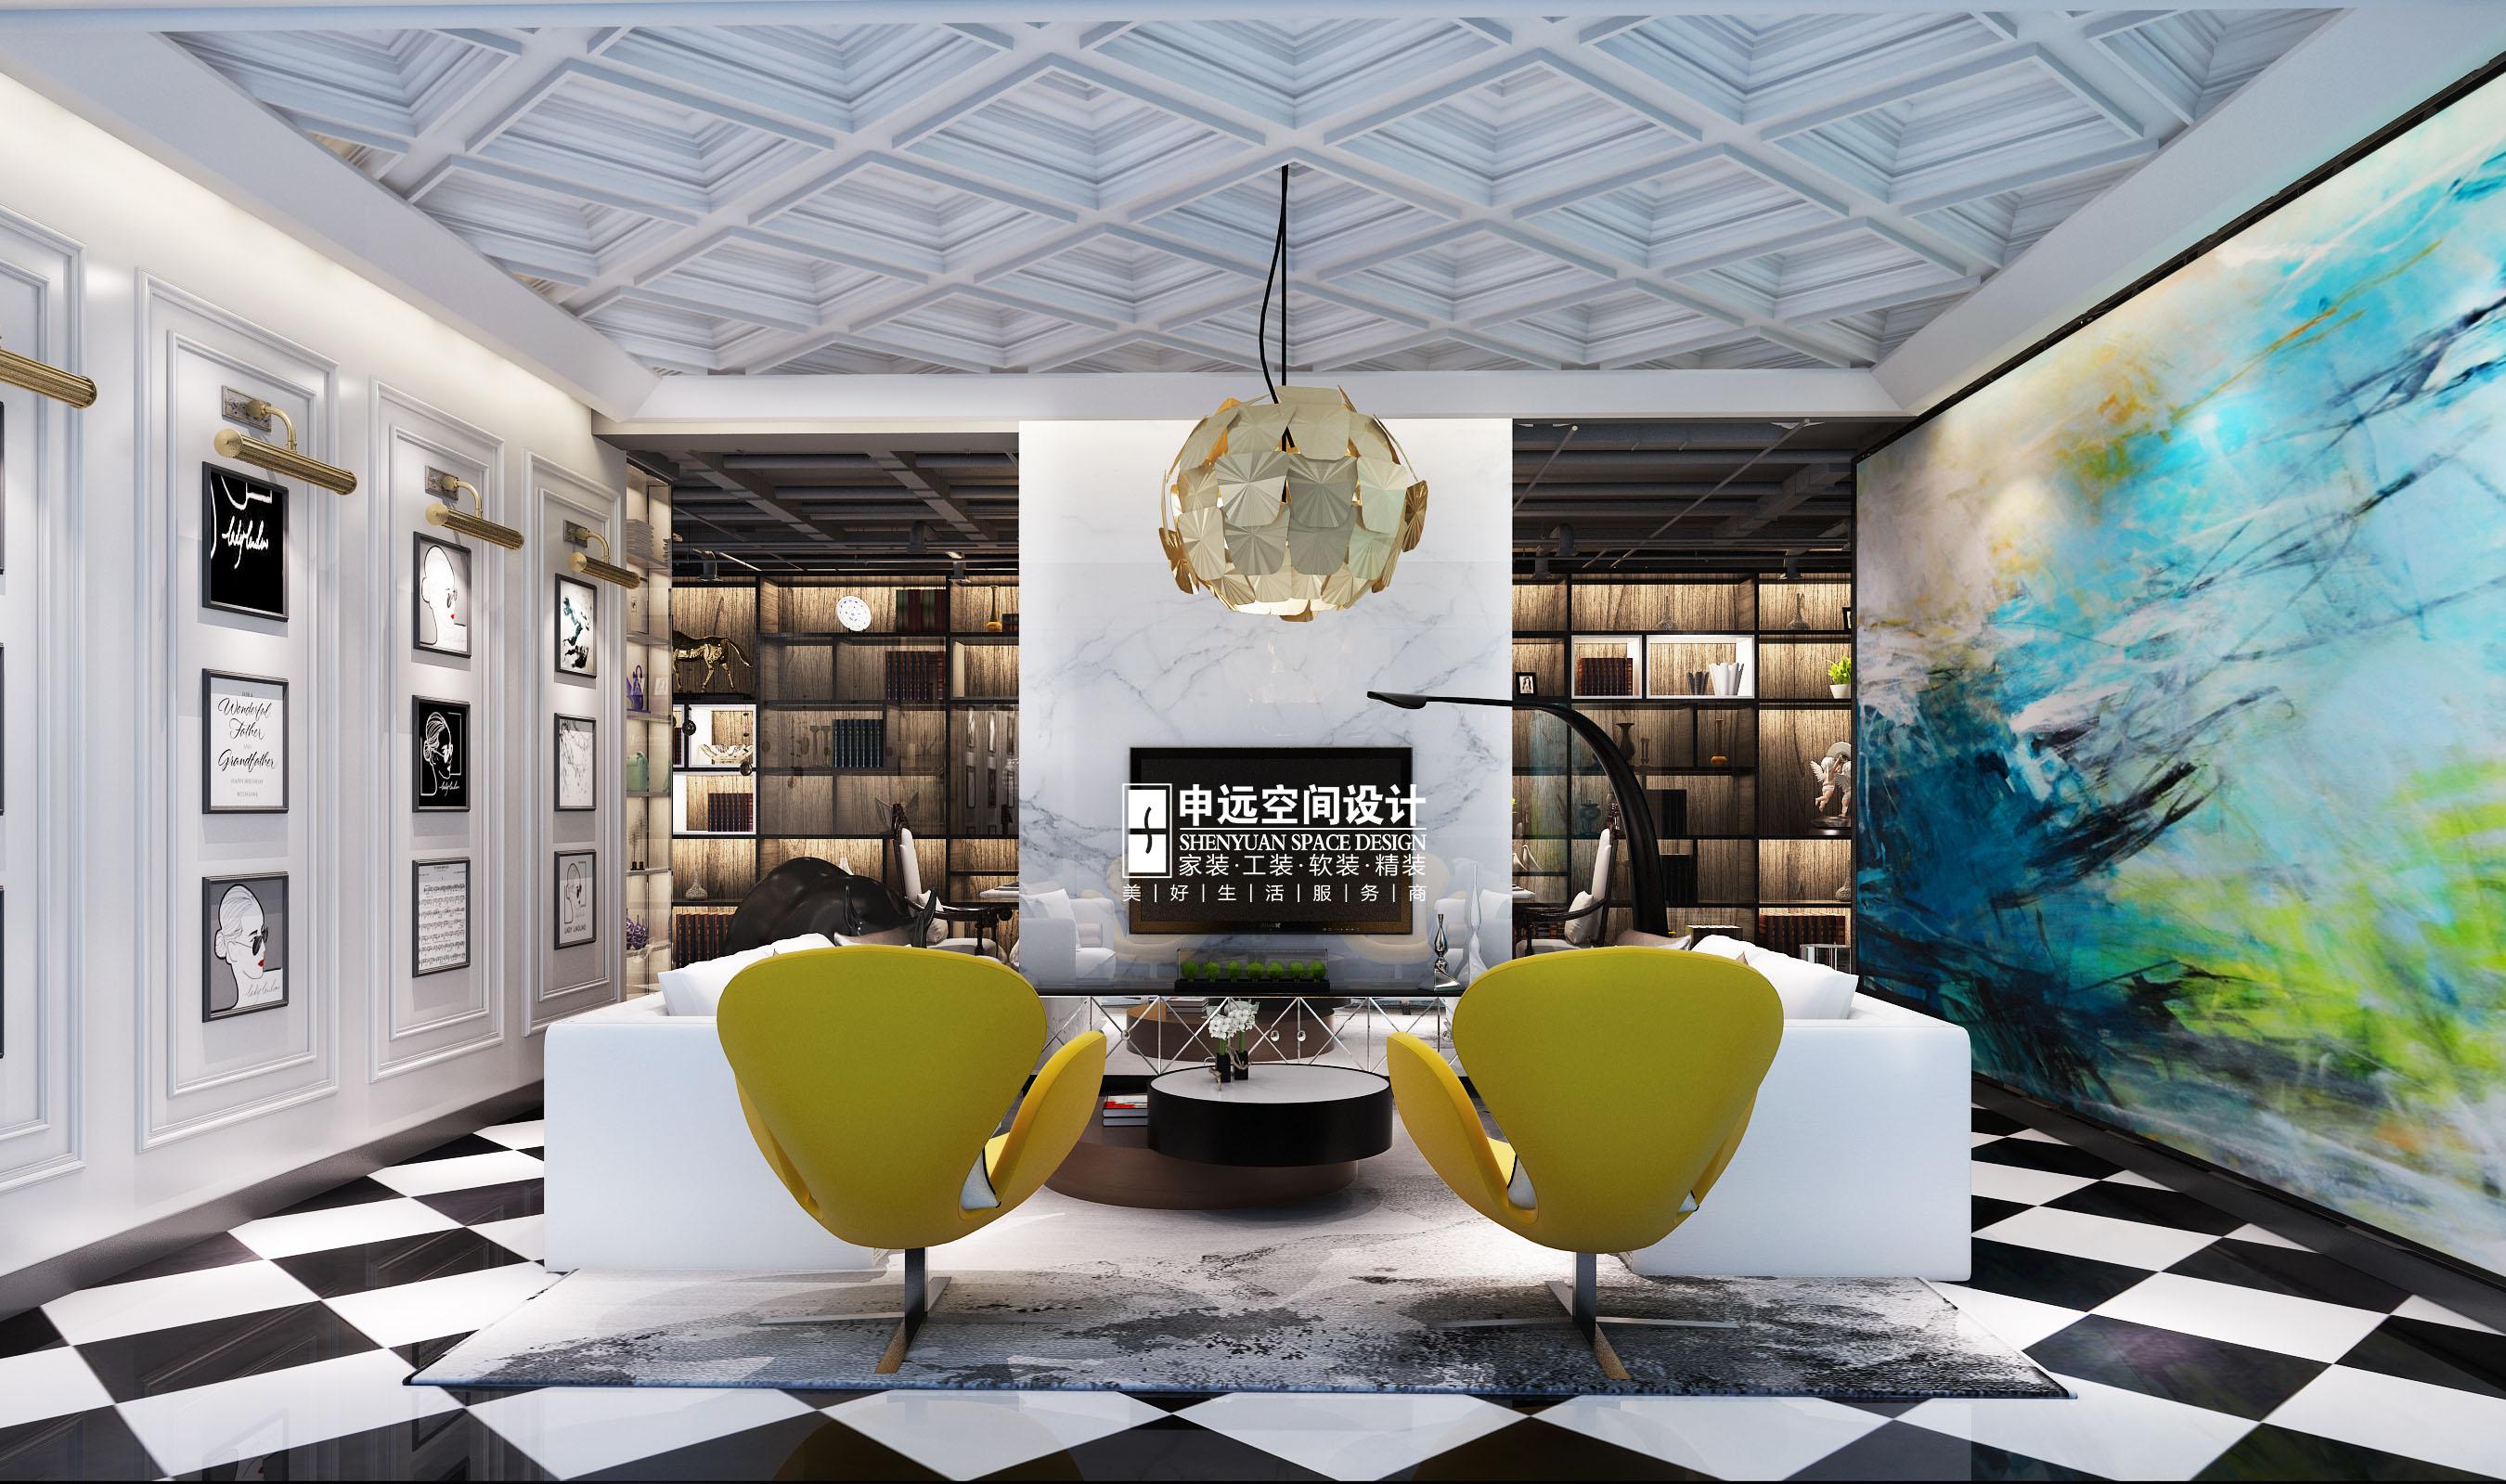 欧式 简约 别墅 简欧 客厅图片来自申远空间设计北京分公司在简约欧式-财富公馆的分享